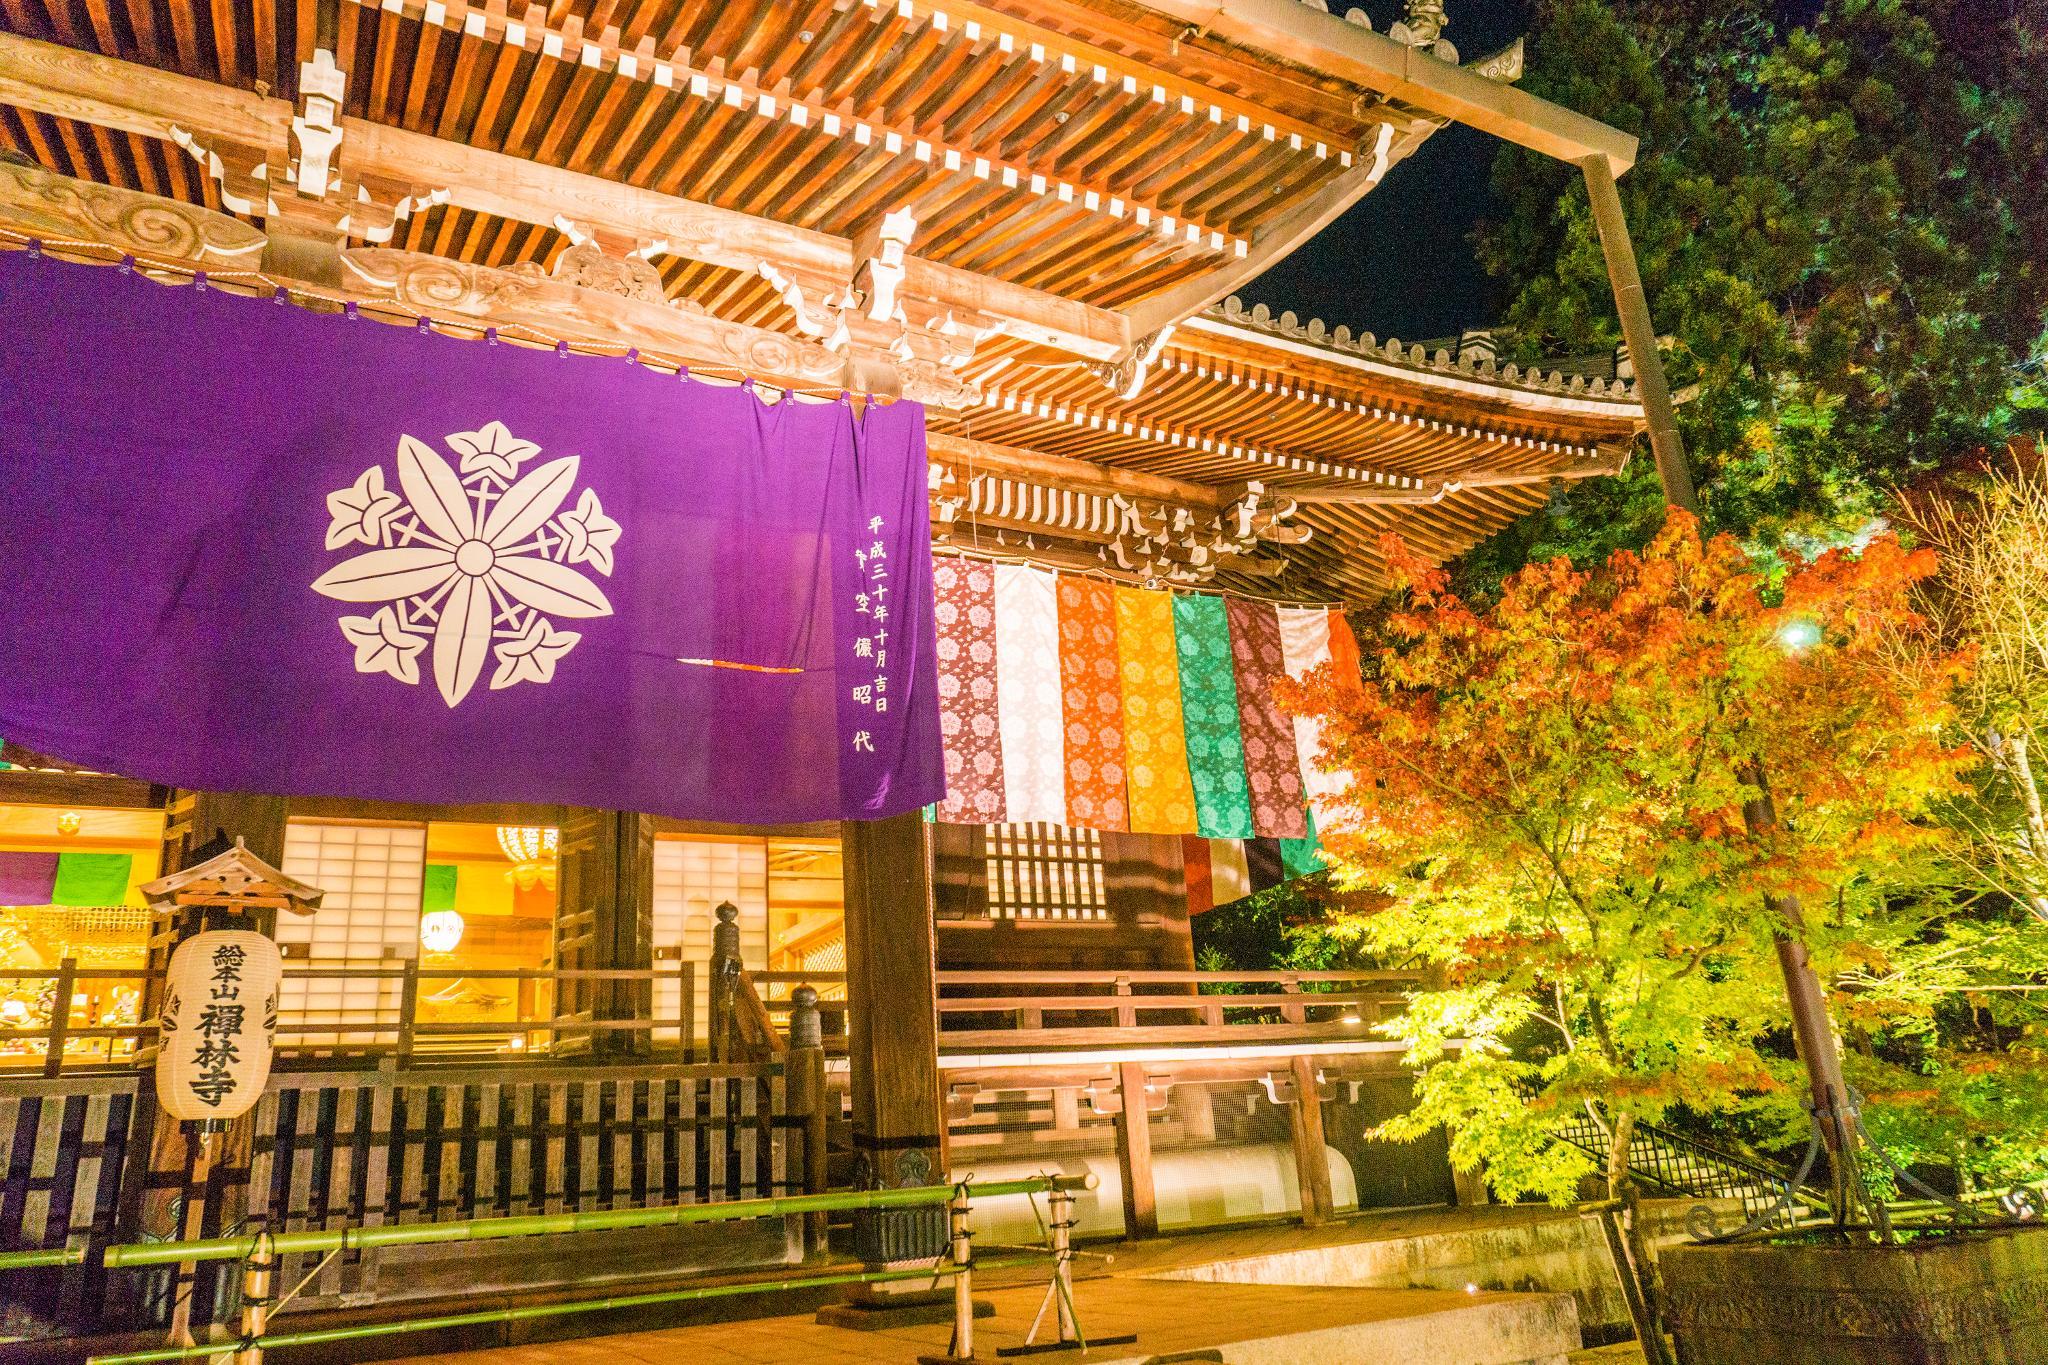 【京都】此生必來的紅葉狩絕景 - 永觀堂夜楓 123